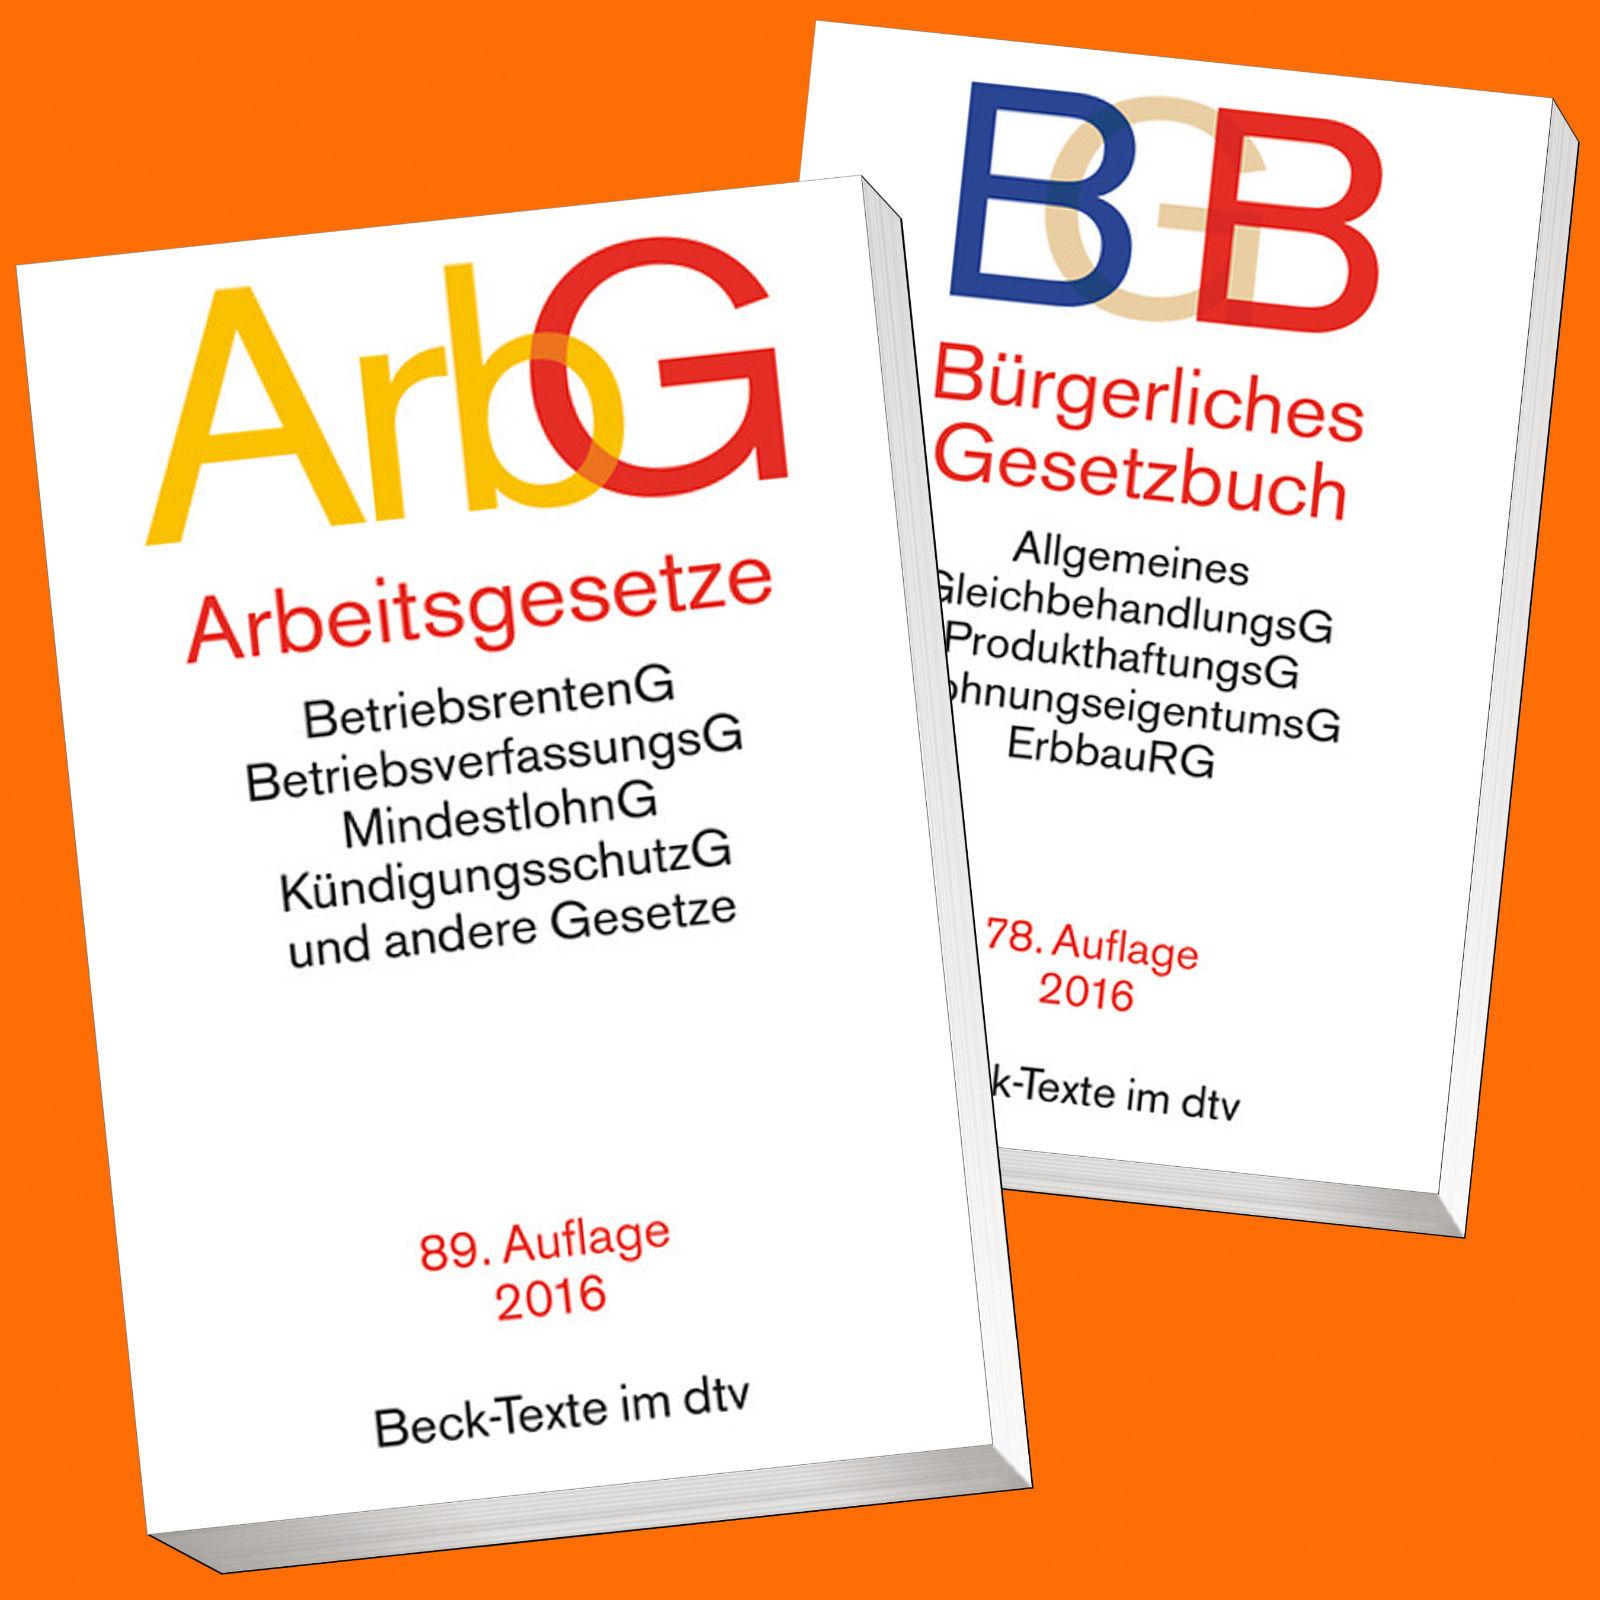 SET: ArbG 89. AUFLAGE 2016 + BGB 78. AUFLAGE 2016 | sofort lieferbar !!!